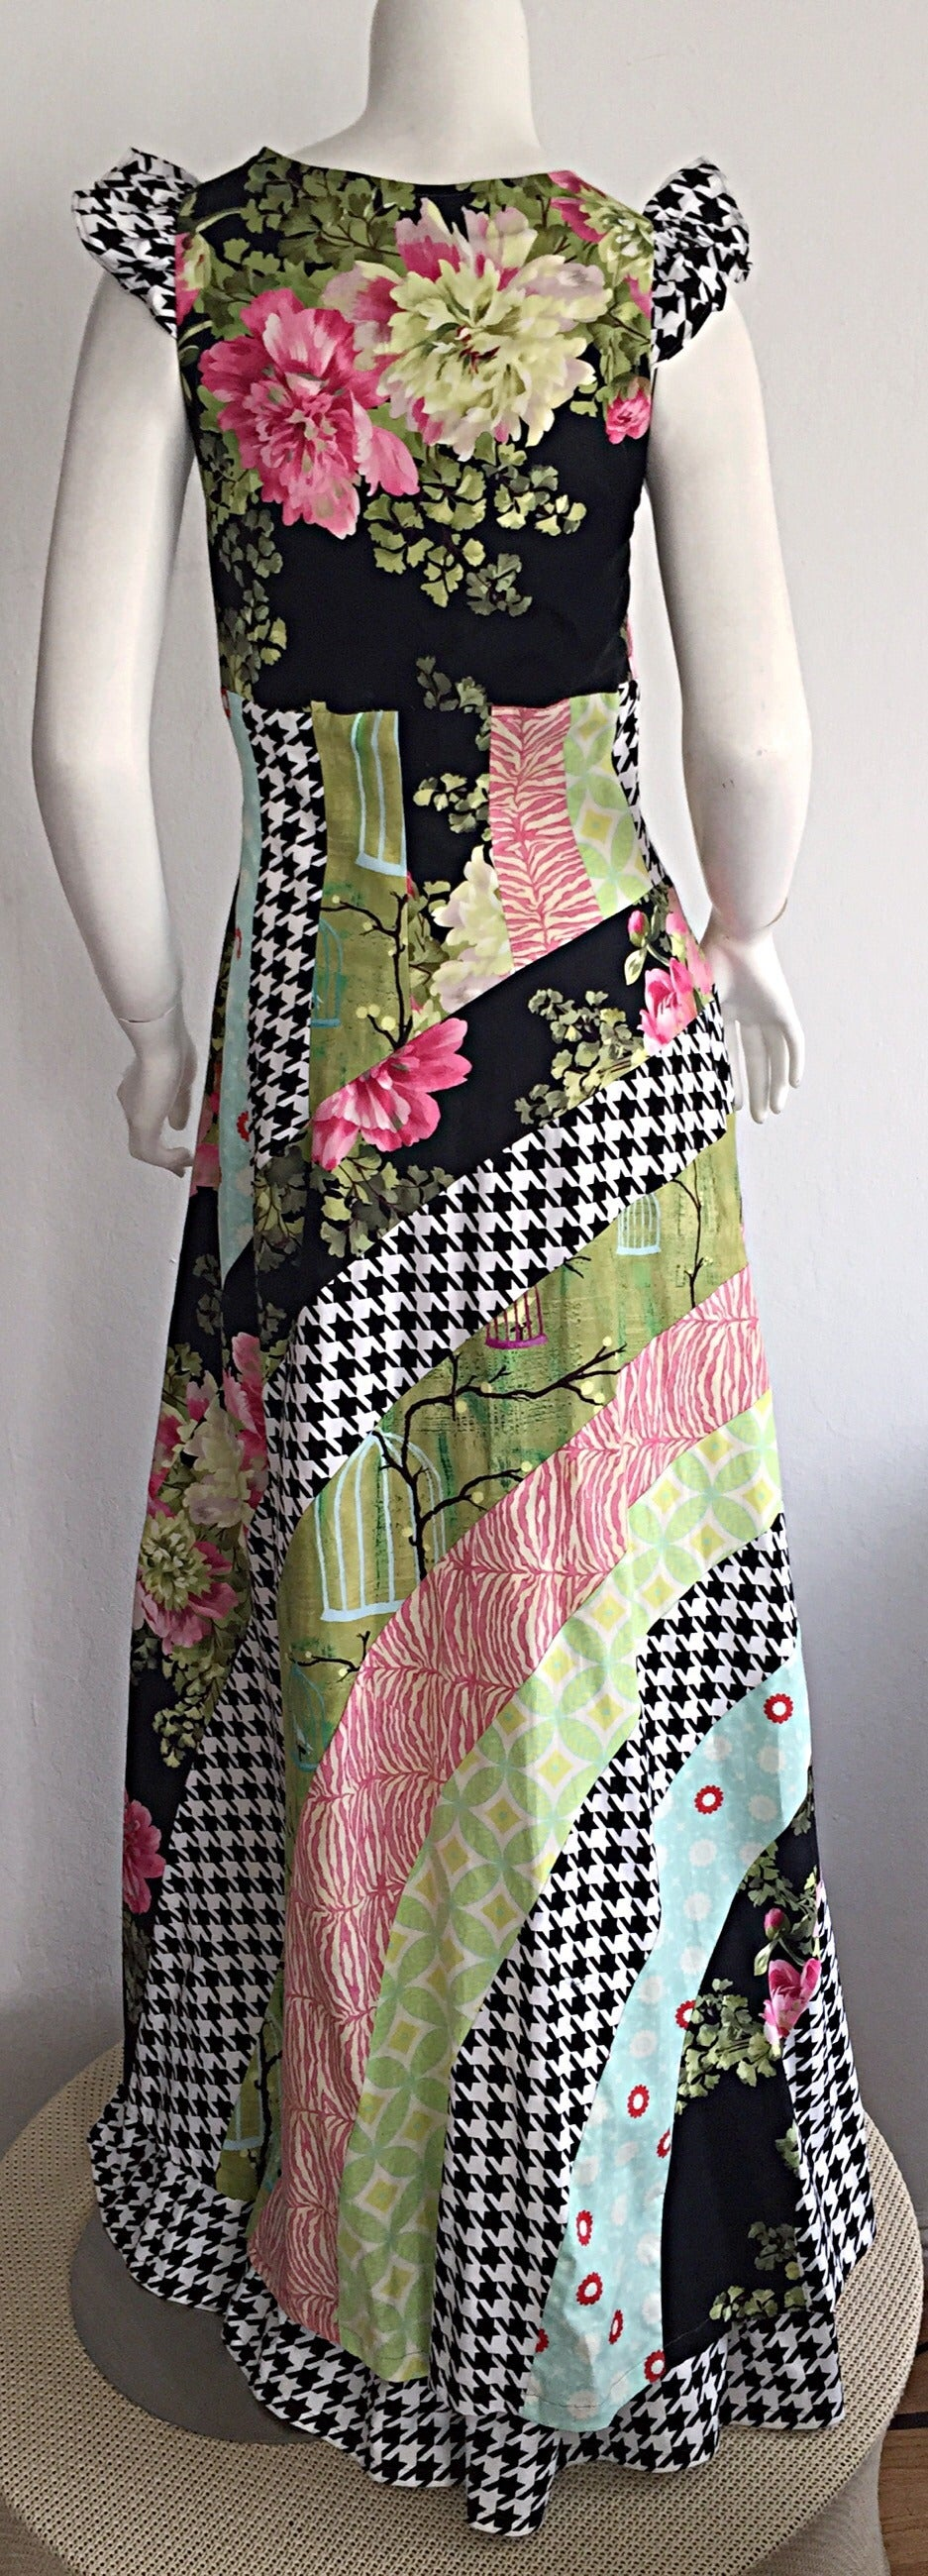 Amazing 1970s Vintage Bohemian Patchwork Cotton Maxi Dress 3